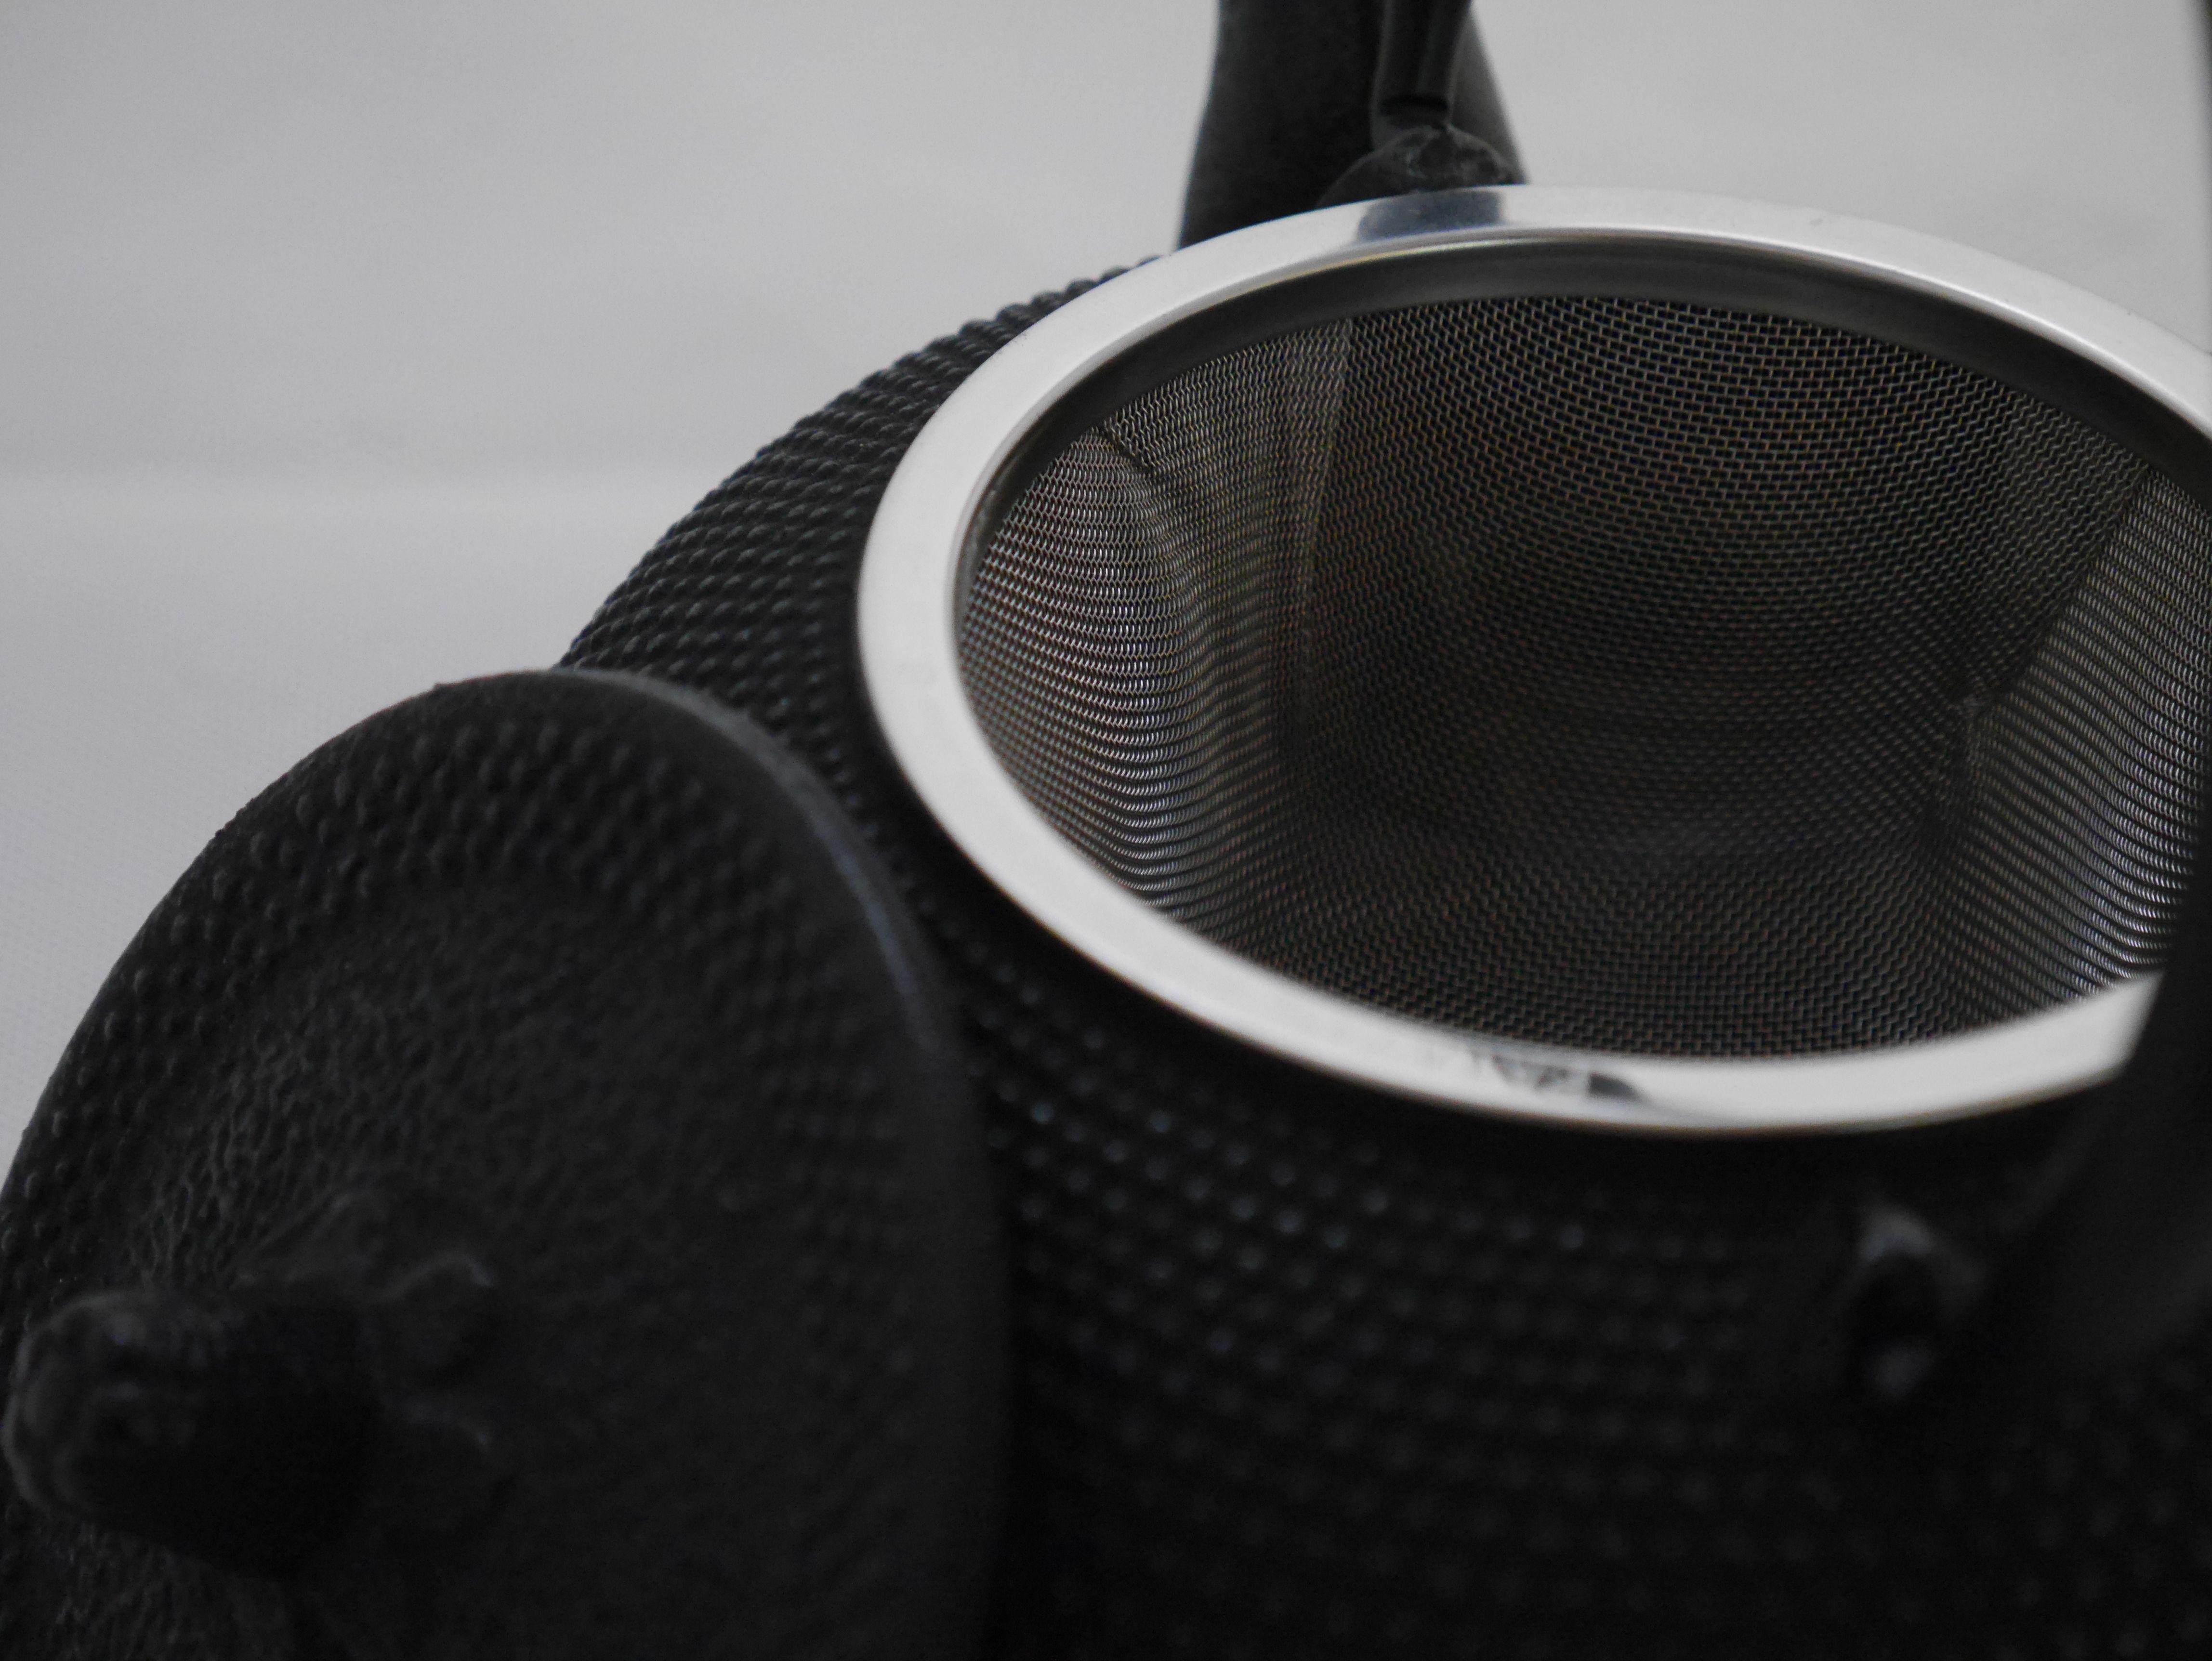 日本南部鐵器鐵壺《岩鋳製南部鉄器 急須丸アラレ0.5升*黑色》【曉風】 2